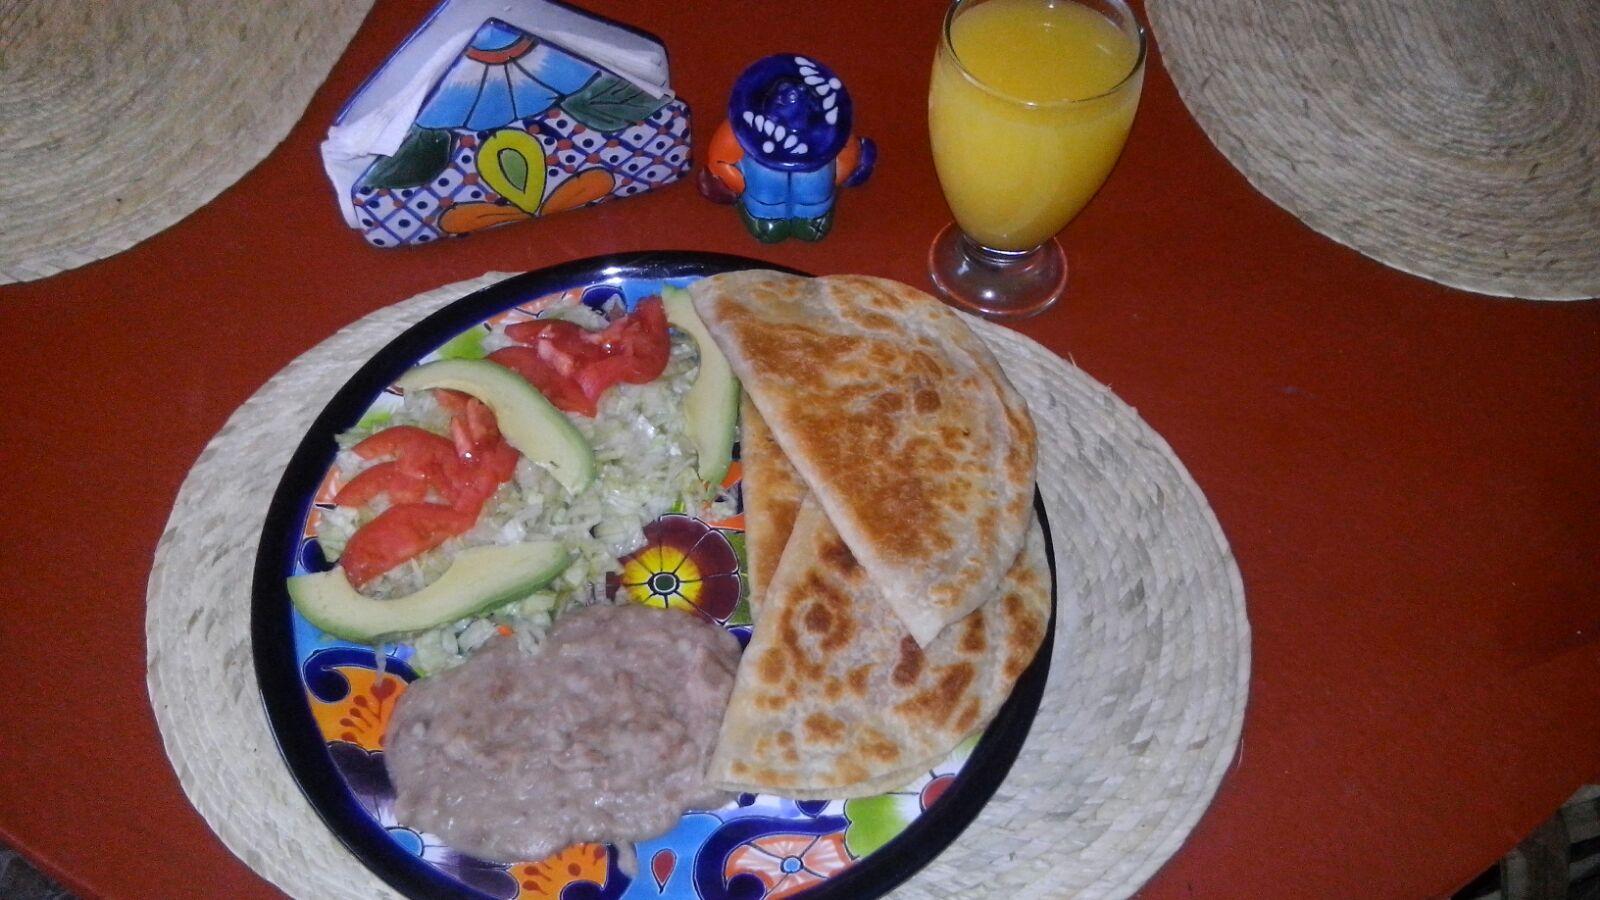 Quesadilas,salad & cream of beans ...